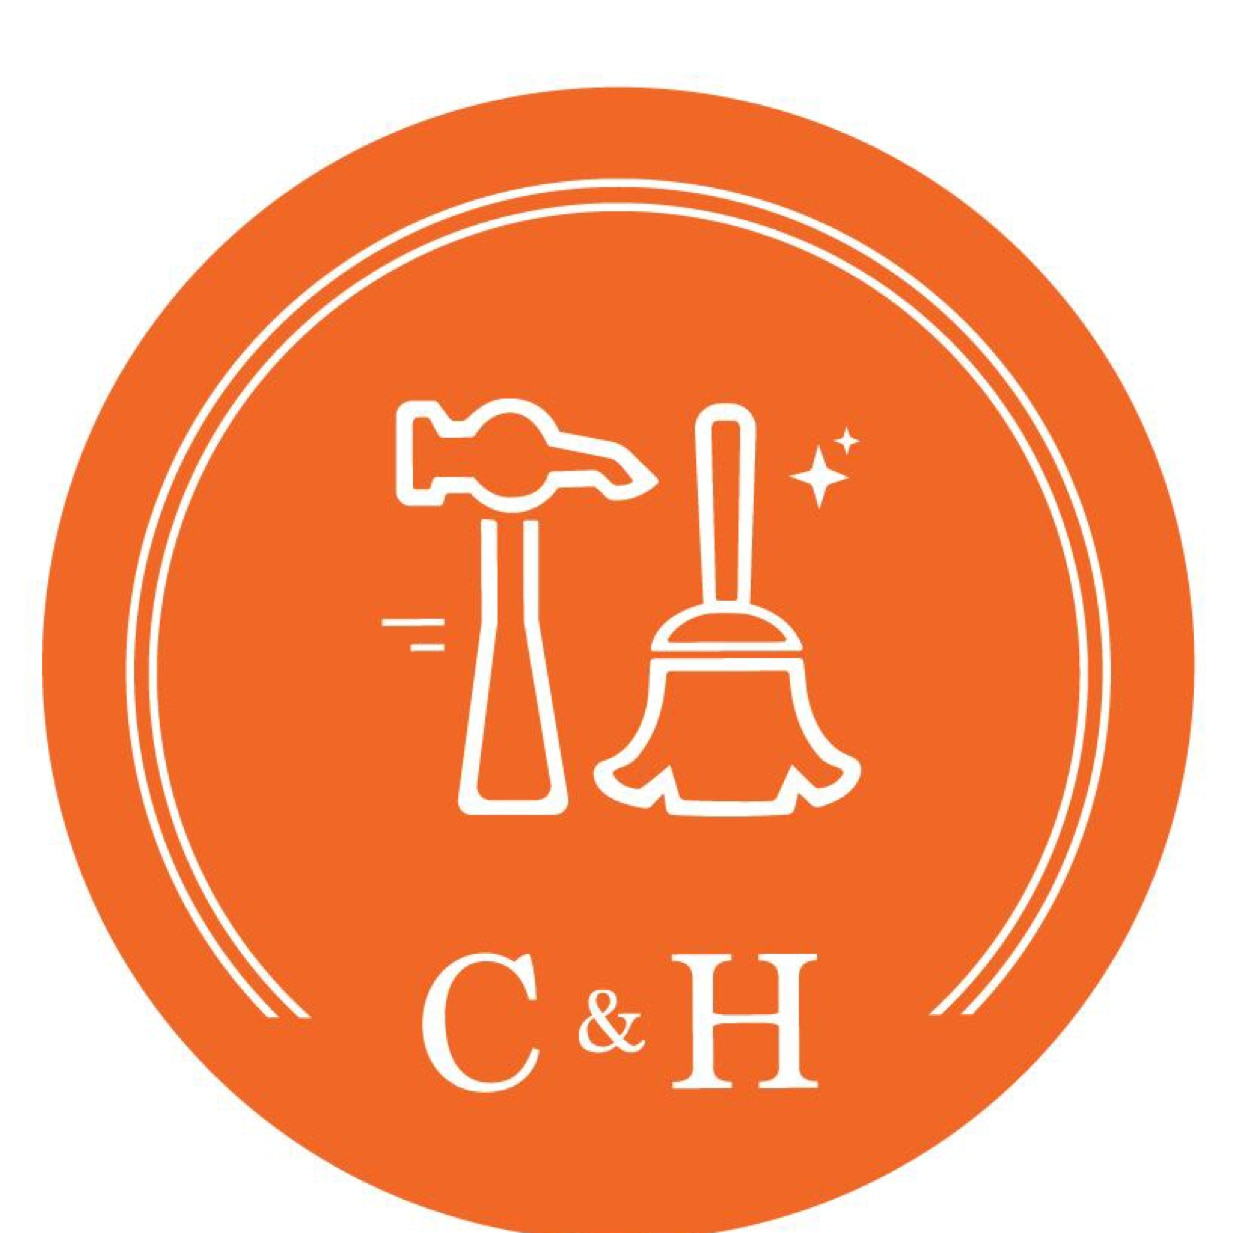 C & H logo